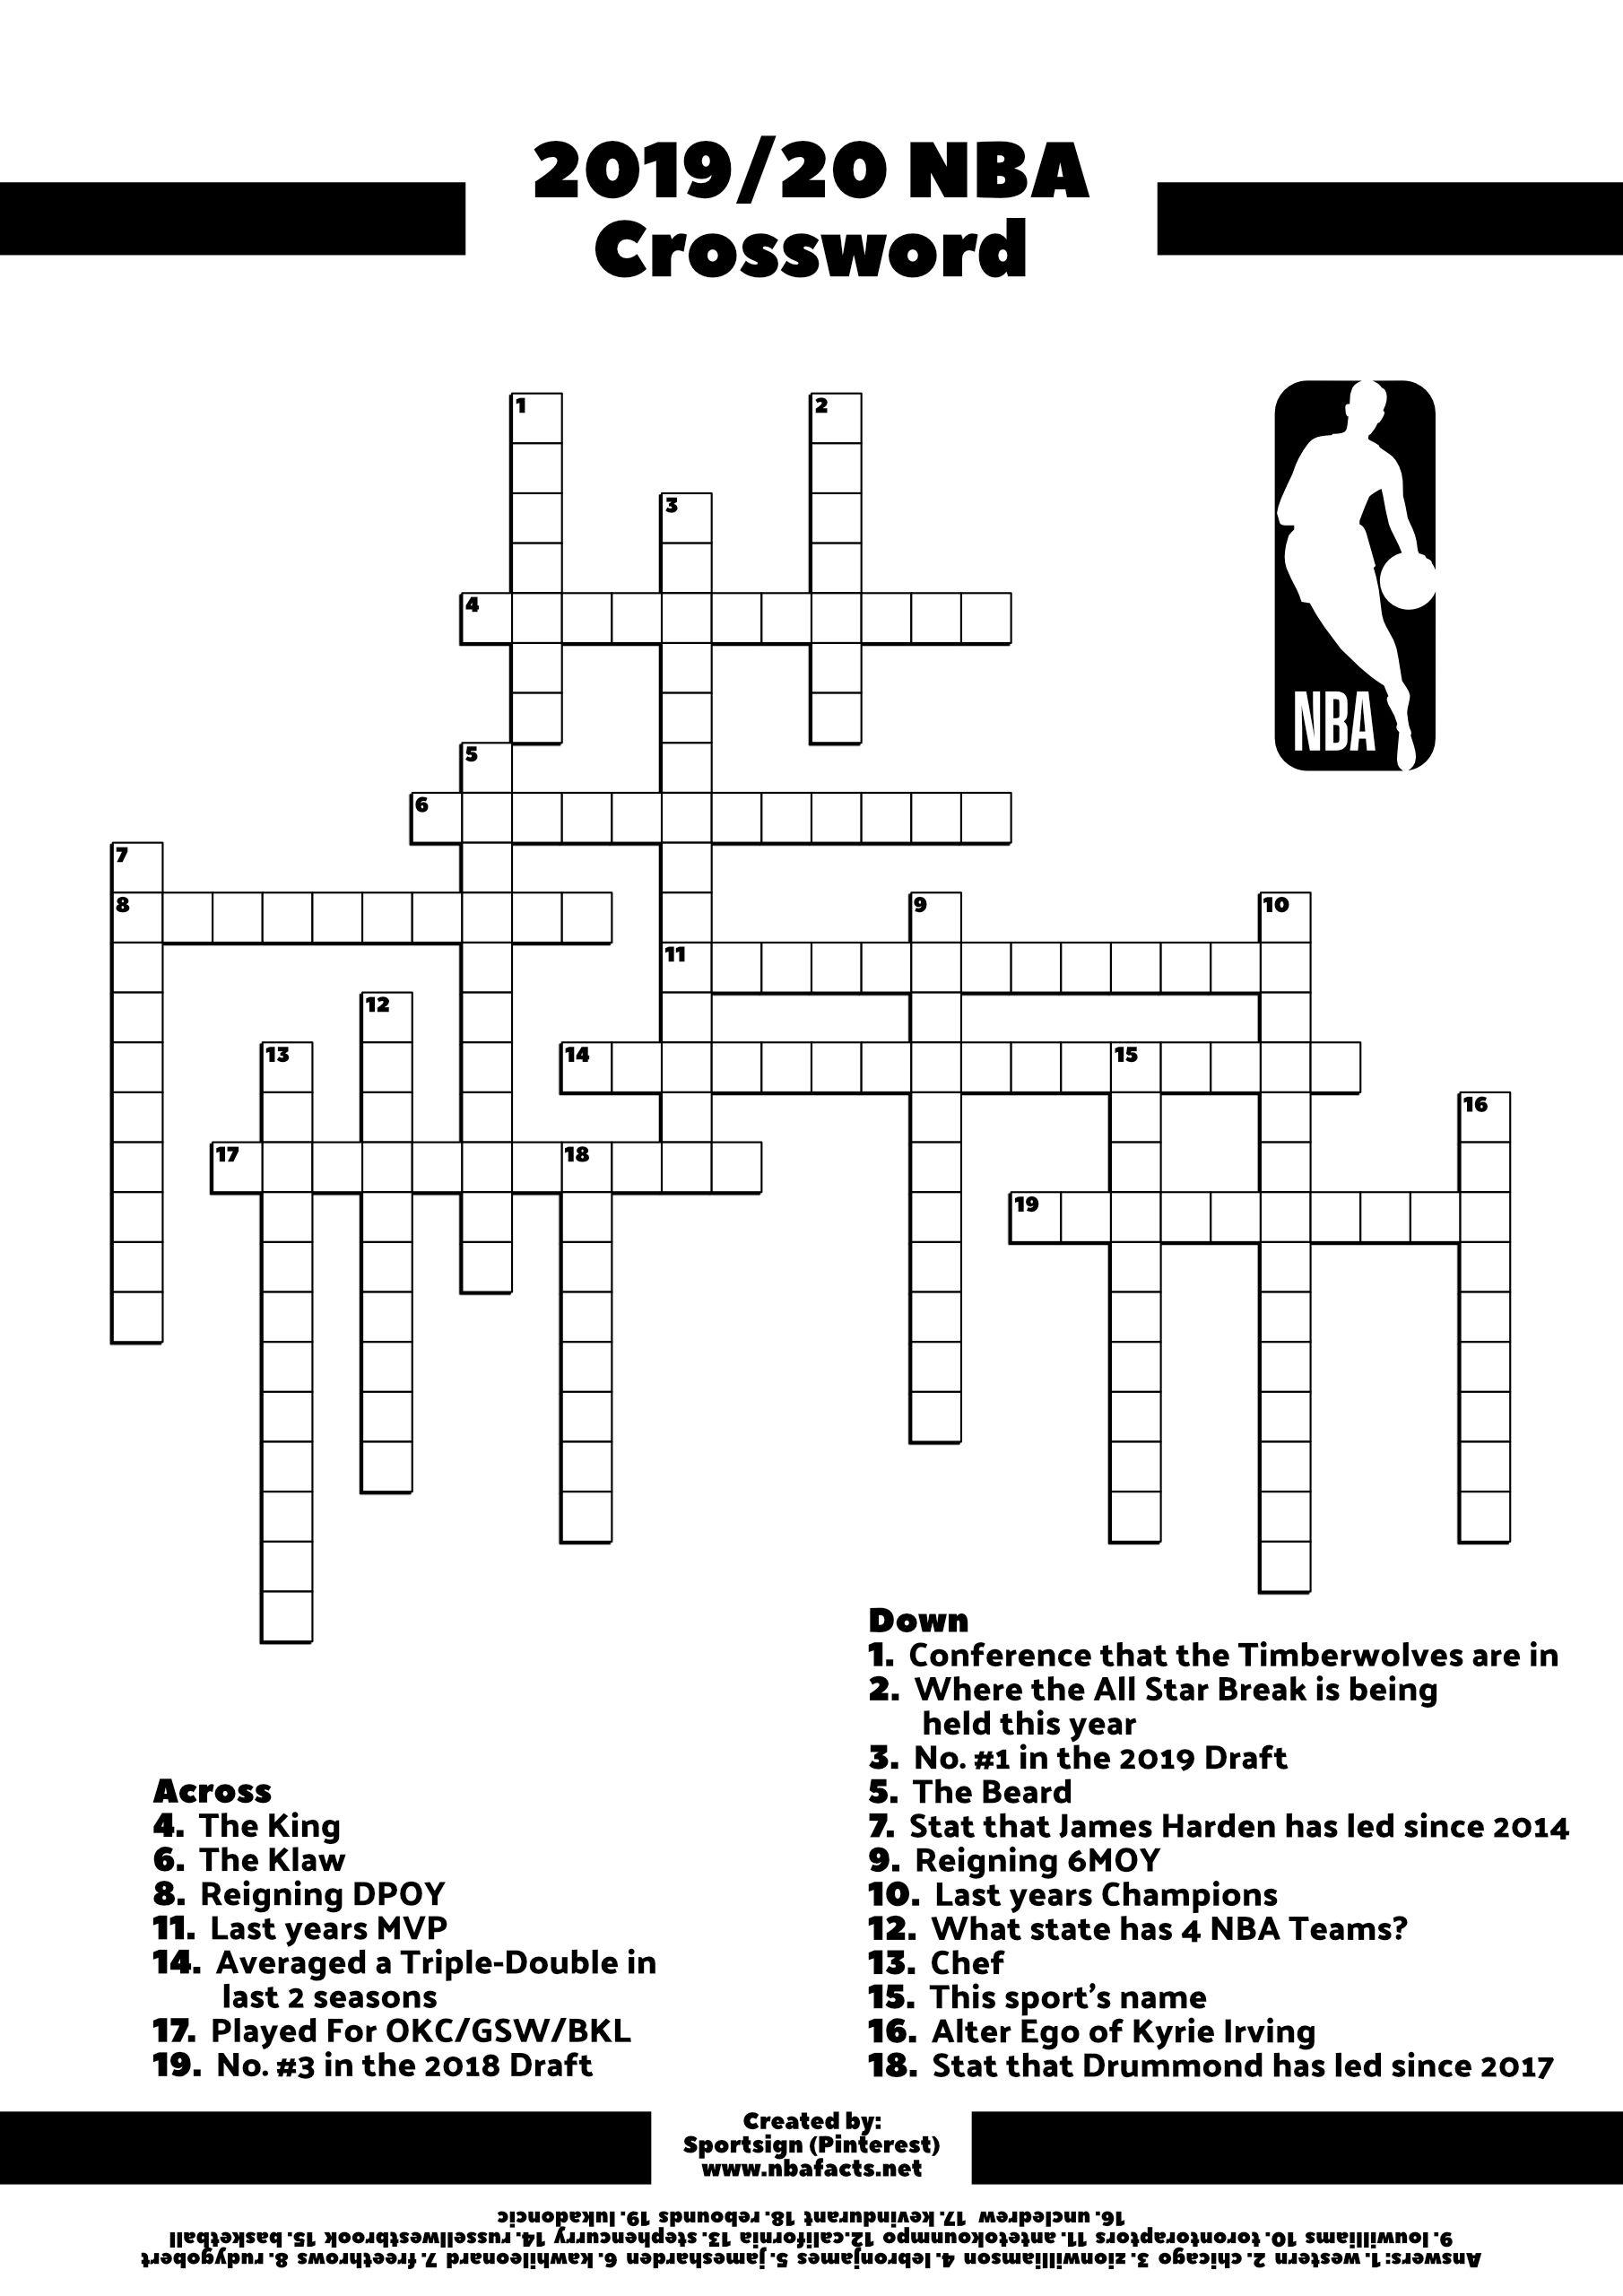 Free Nba Basketball Crossword In 2020 Crossword Nba Sports Crossword